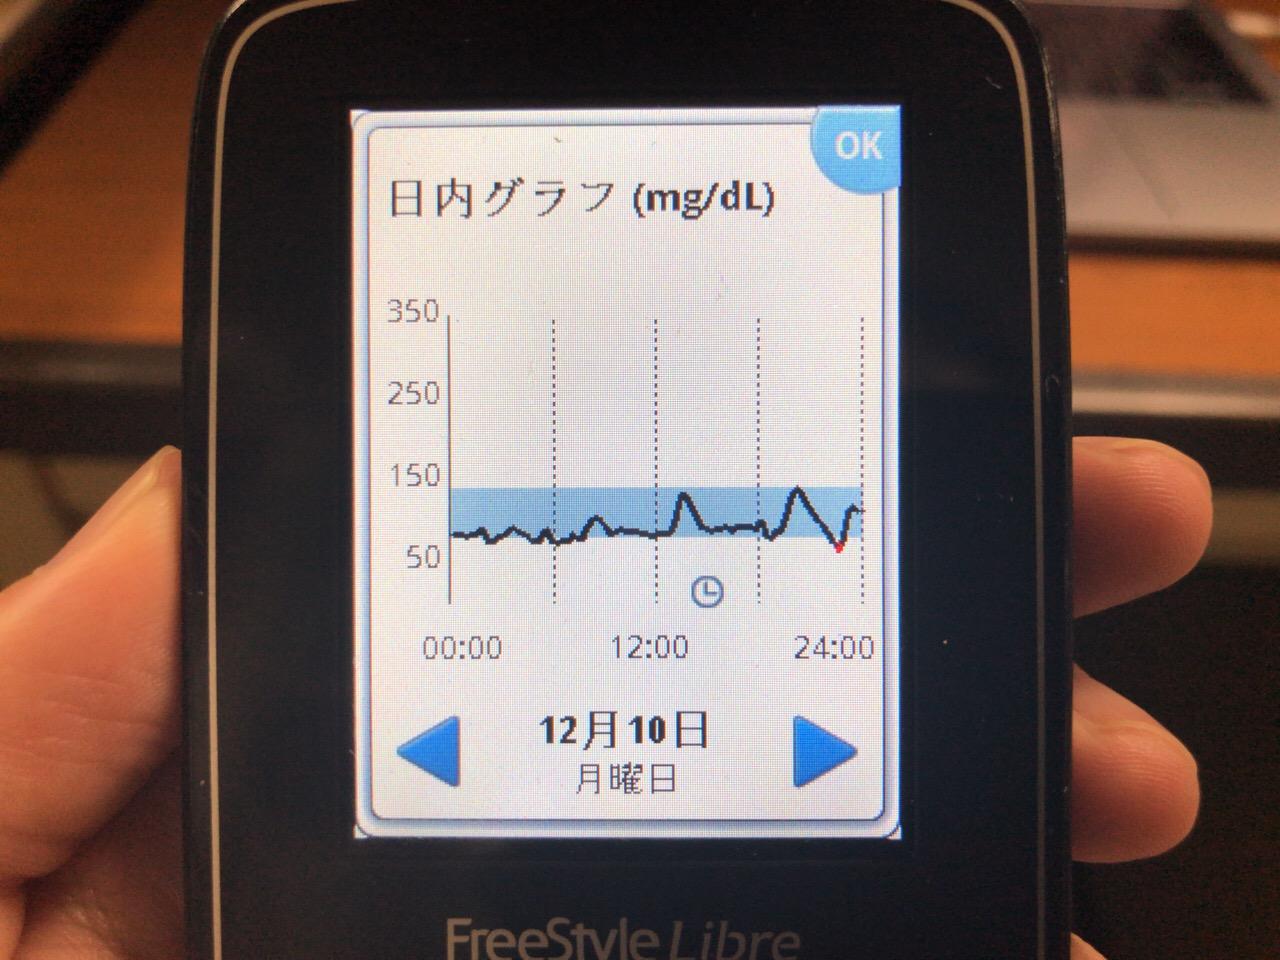 夕食の肉じゃがで血糖値ピーク140まで上がった反動とワインの合わせ技で反応性低血糖の域に踏み込んだ1日|糖尿病内科医のフリースタイルリブレ自己血糖記録